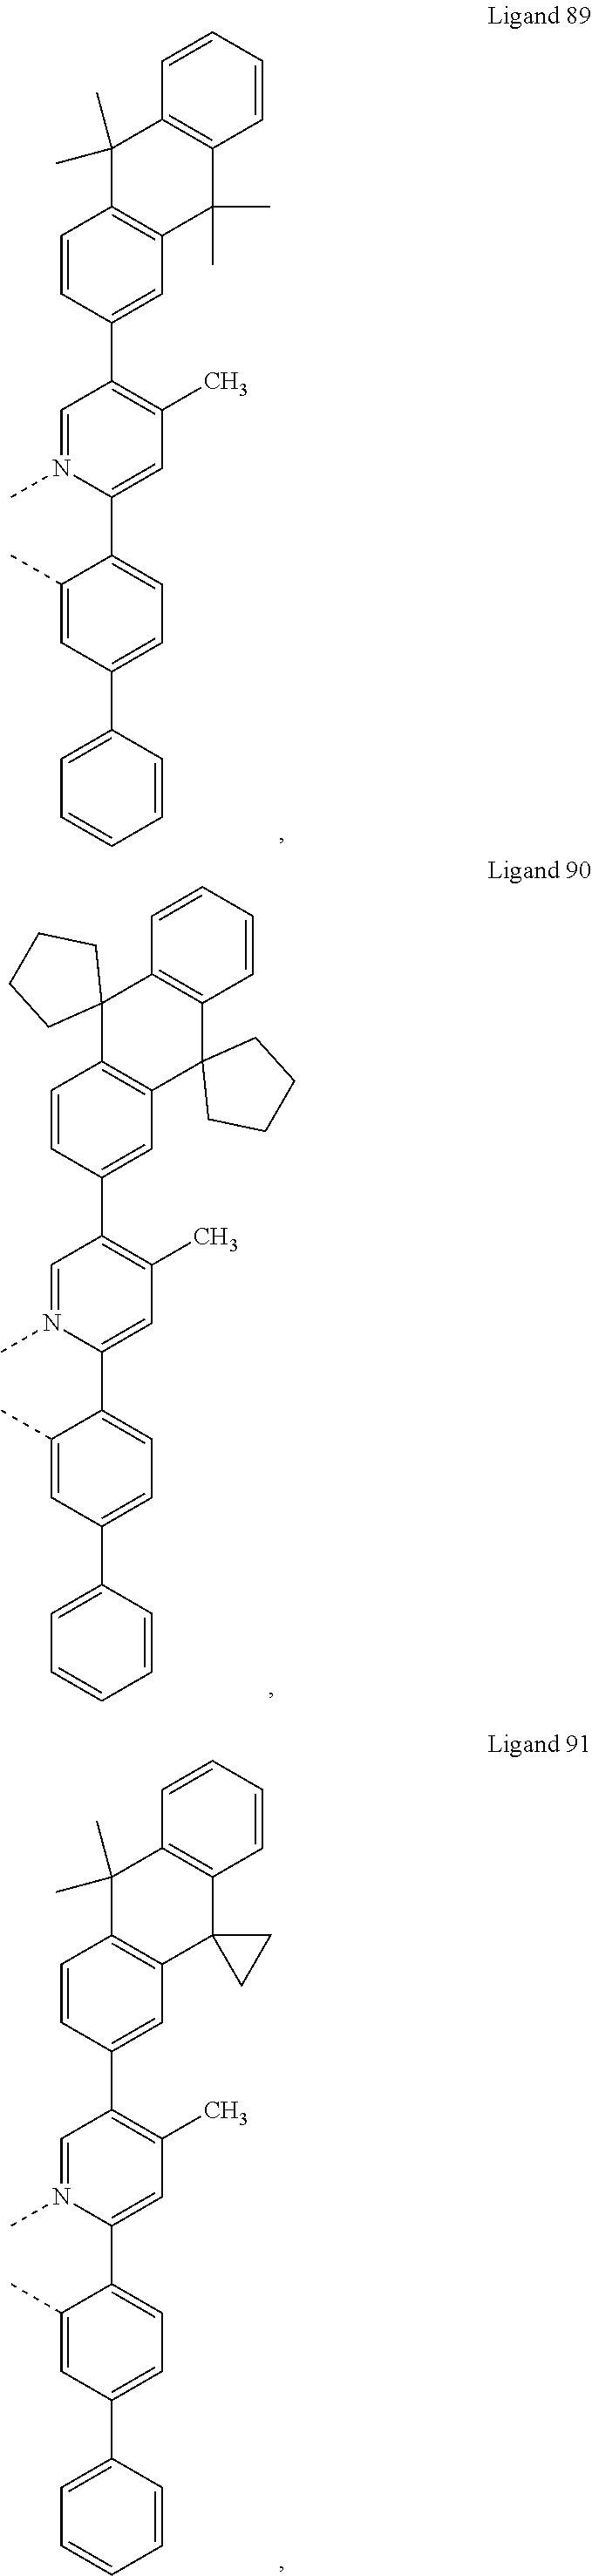 Figure US20180130962A1-20180510-C00248